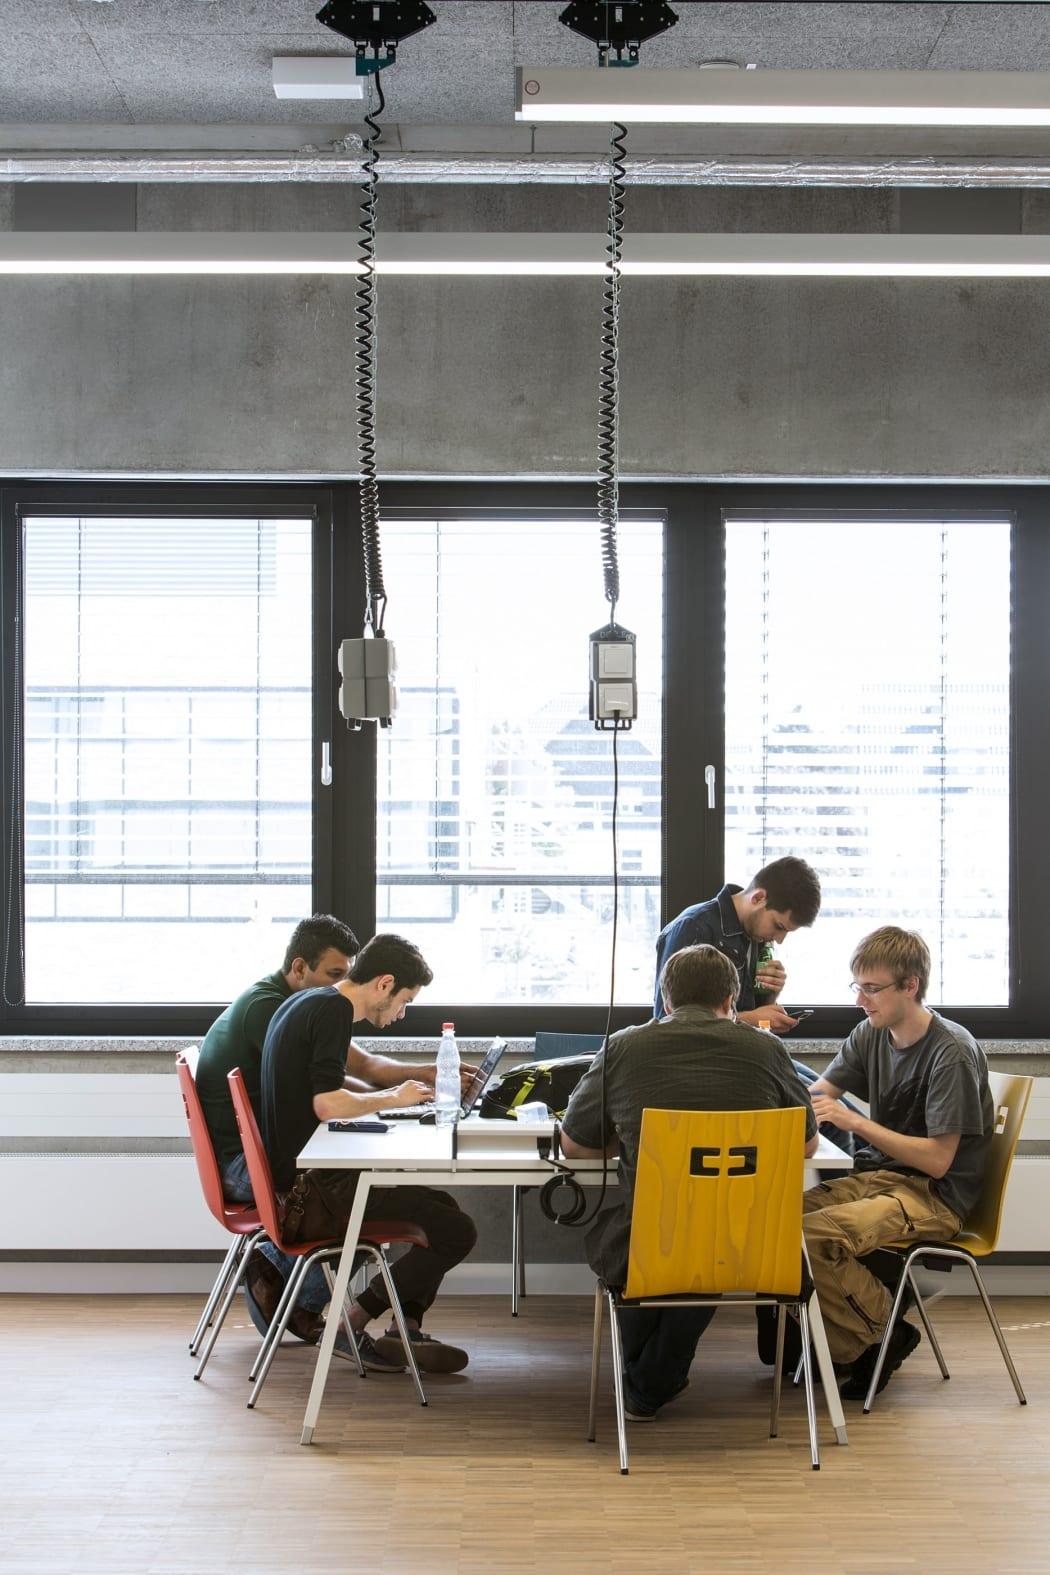 RKW Lippstadt Hochschule Hamm Lippstadt Studenten Fachbereiche Hoersaalzentrum Labore Werkstatt Mediathek Marcus Pietrek 11